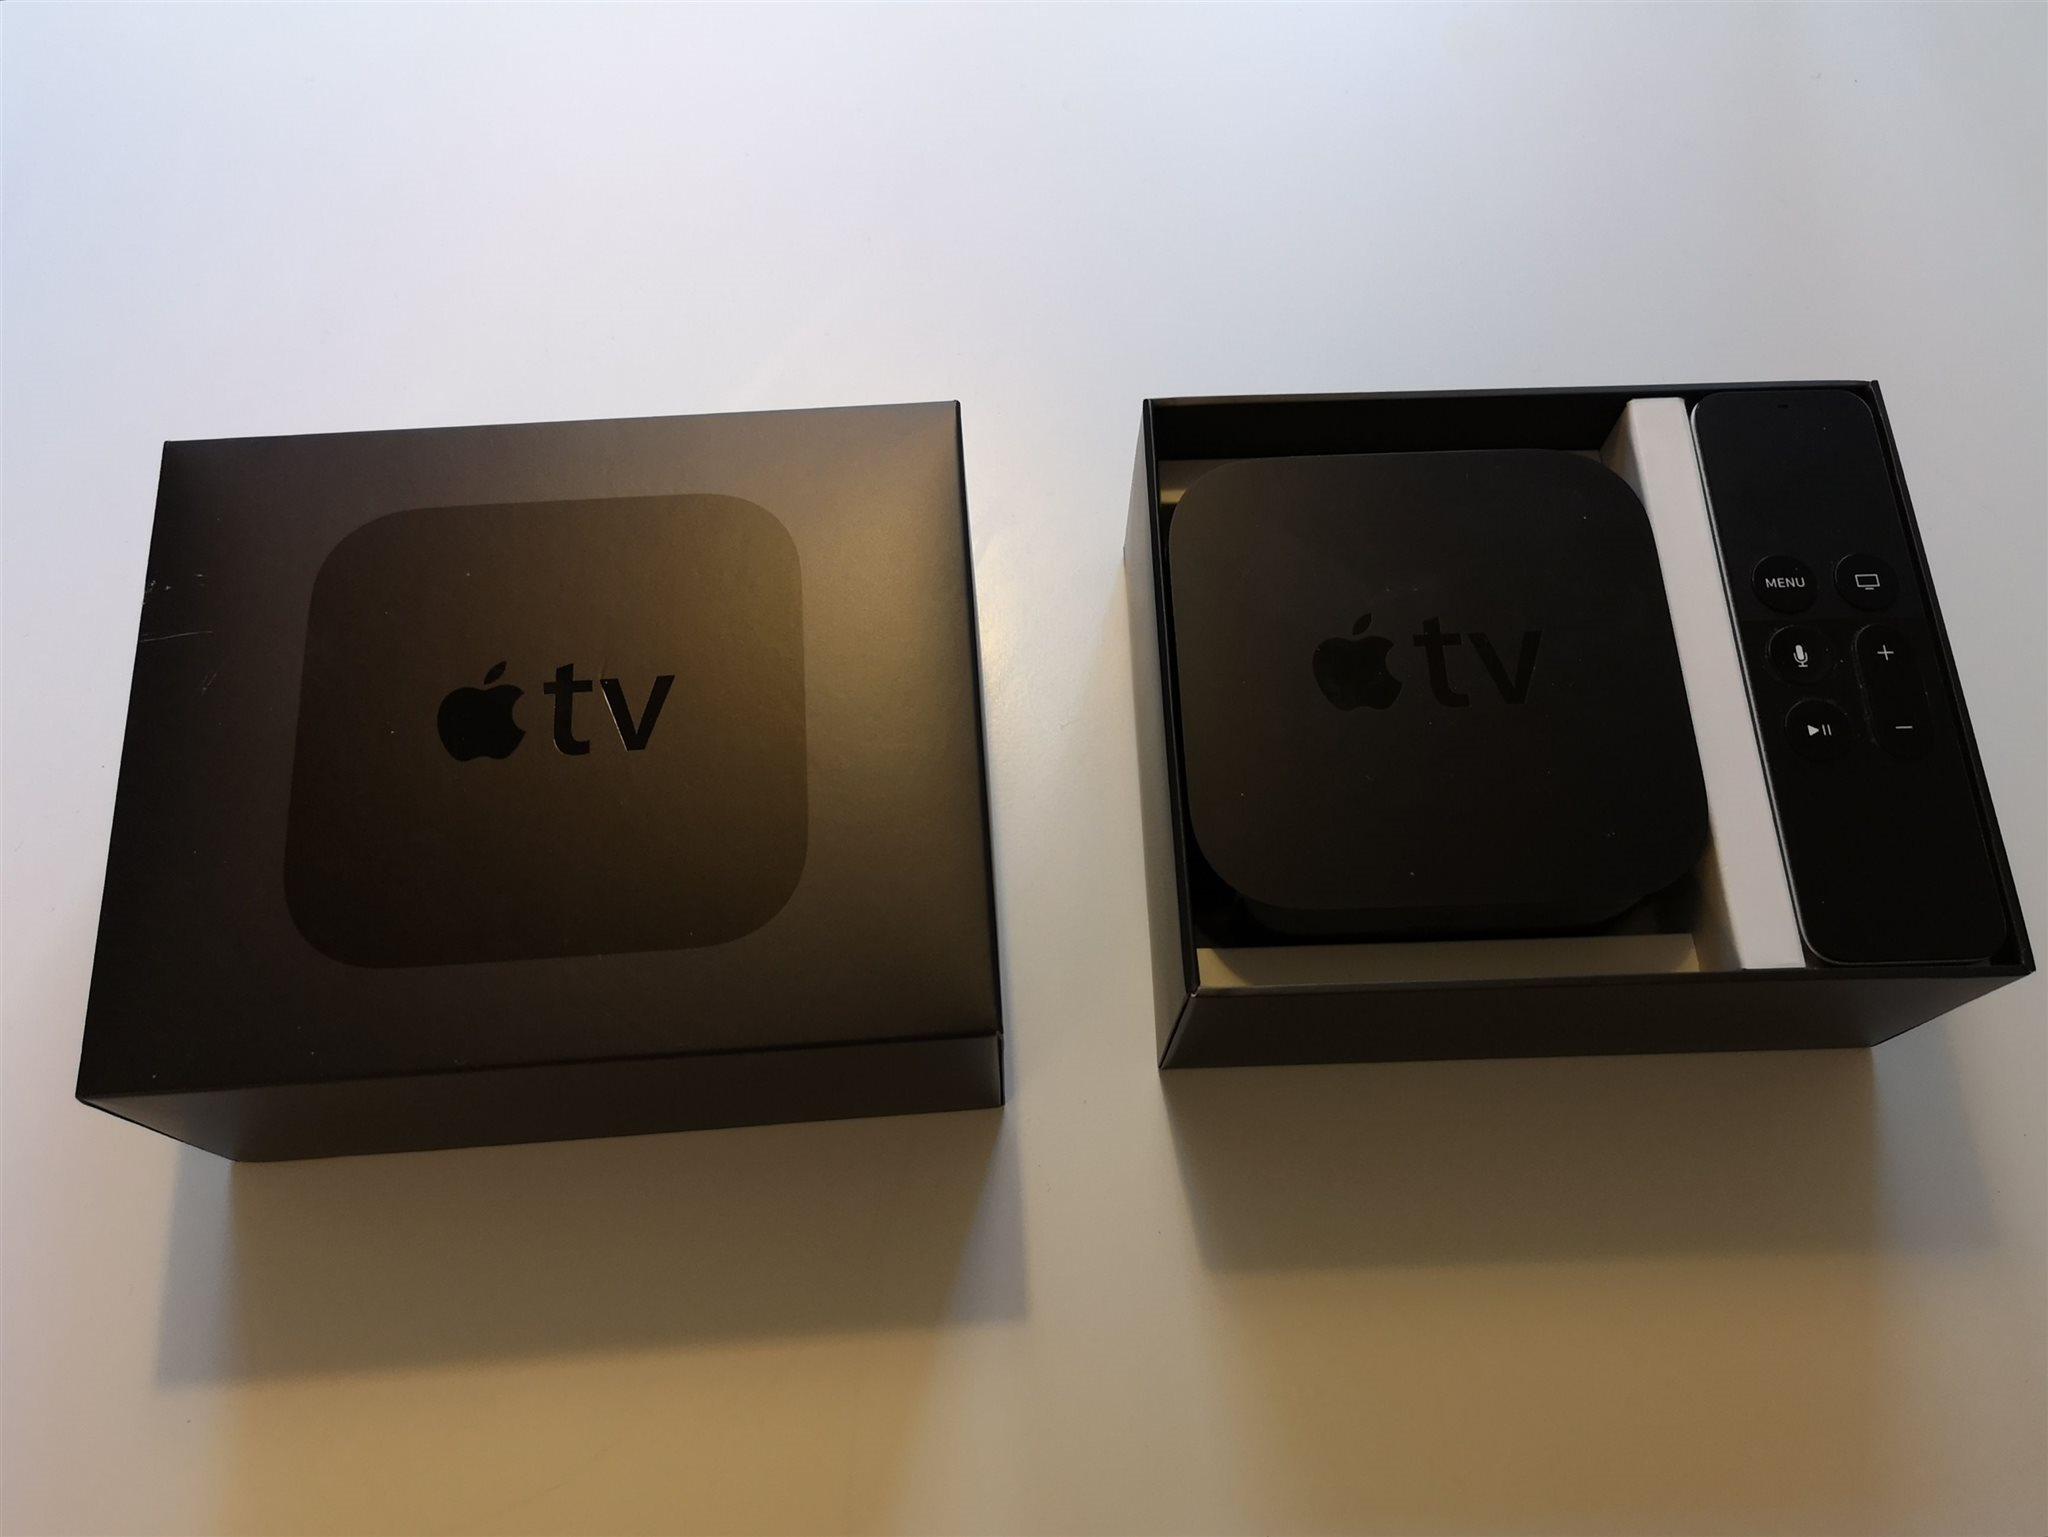 Ladda ner appar apple tv